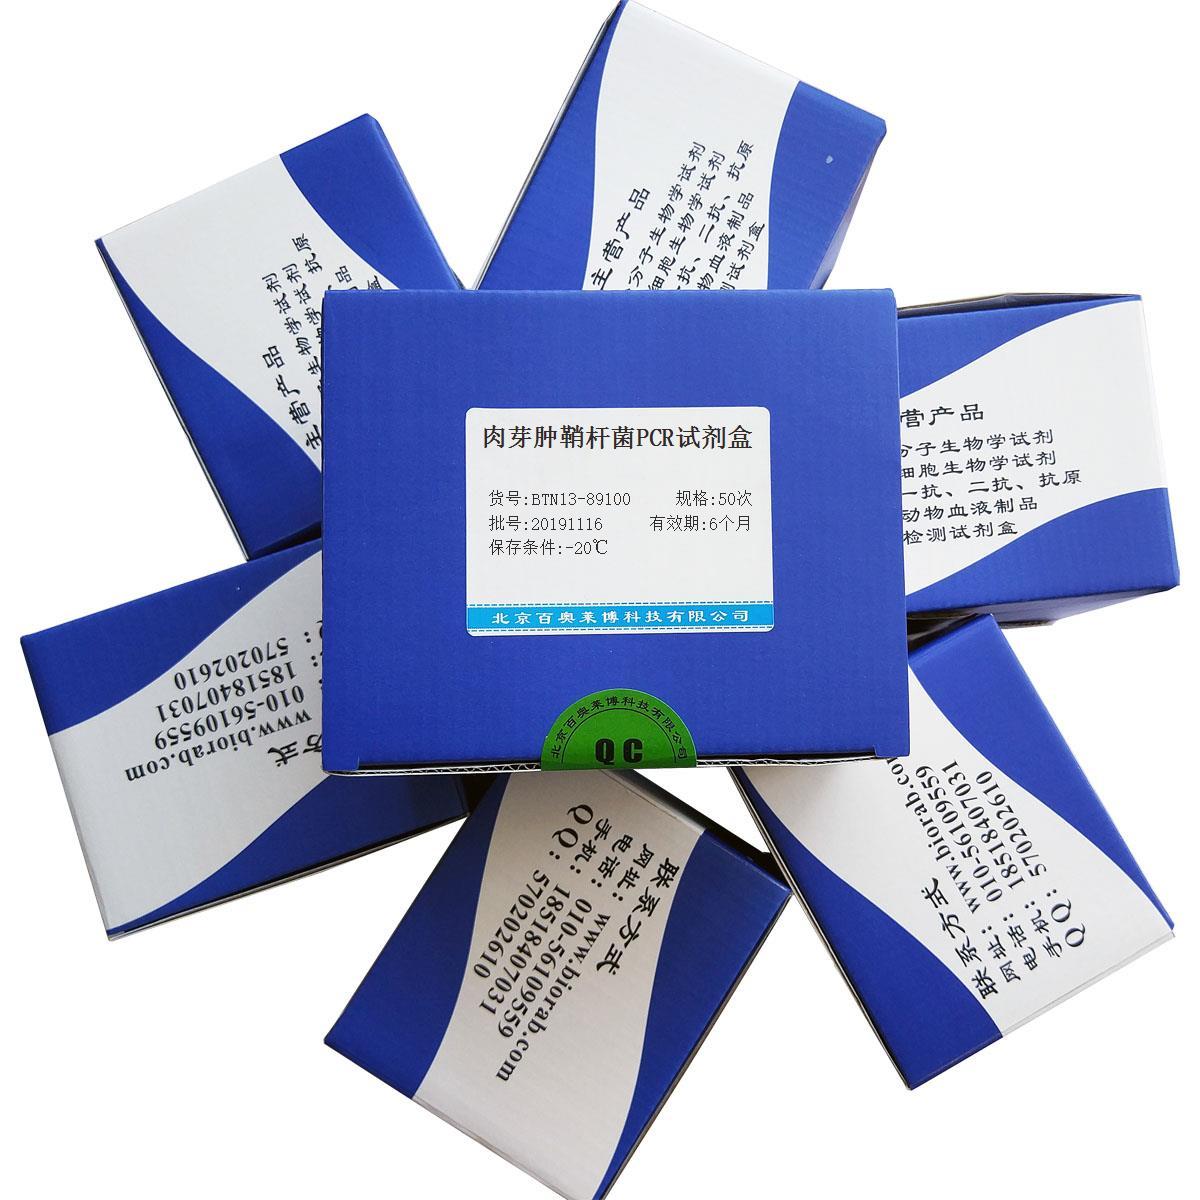 肉芽肿鞘杆菌PCR试剂盒北京品牌